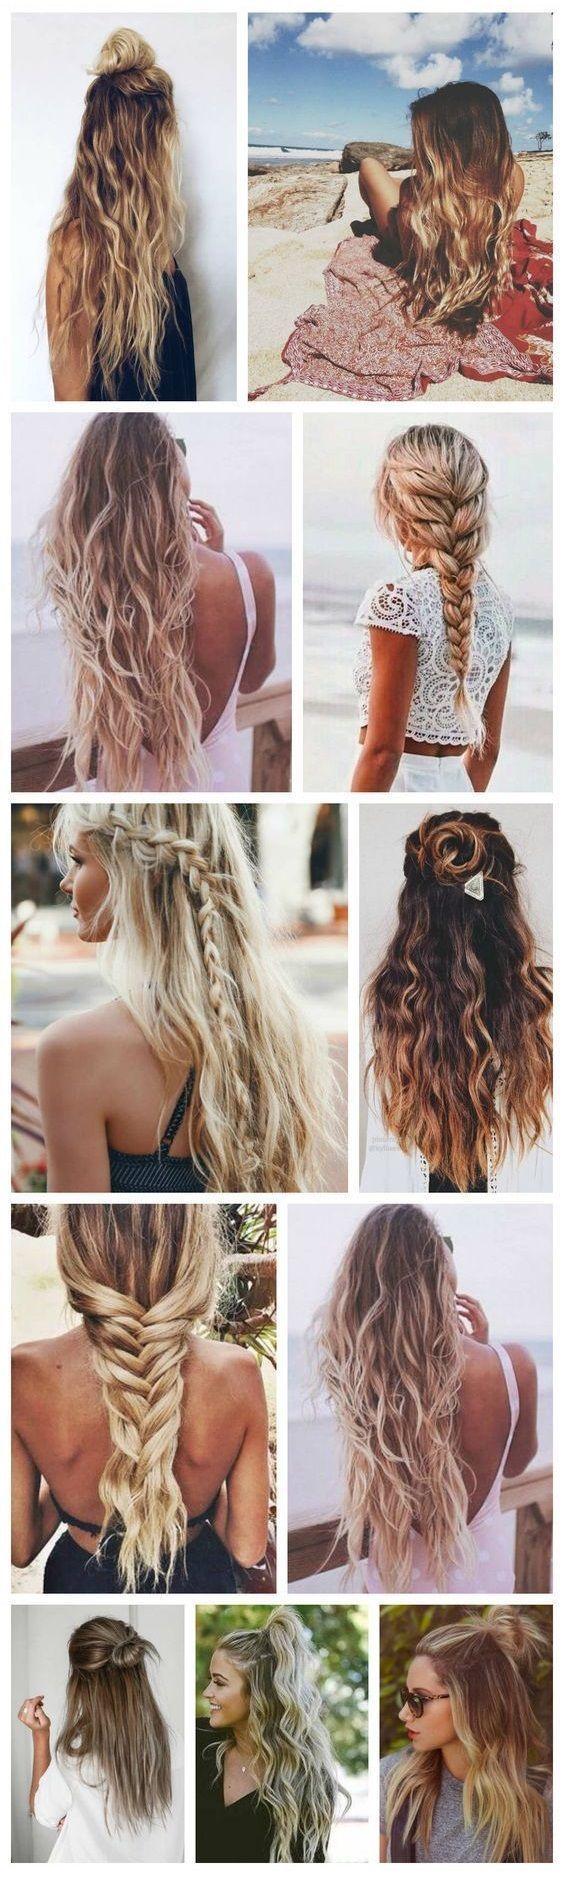 Peinados De Playa Paso A Paso